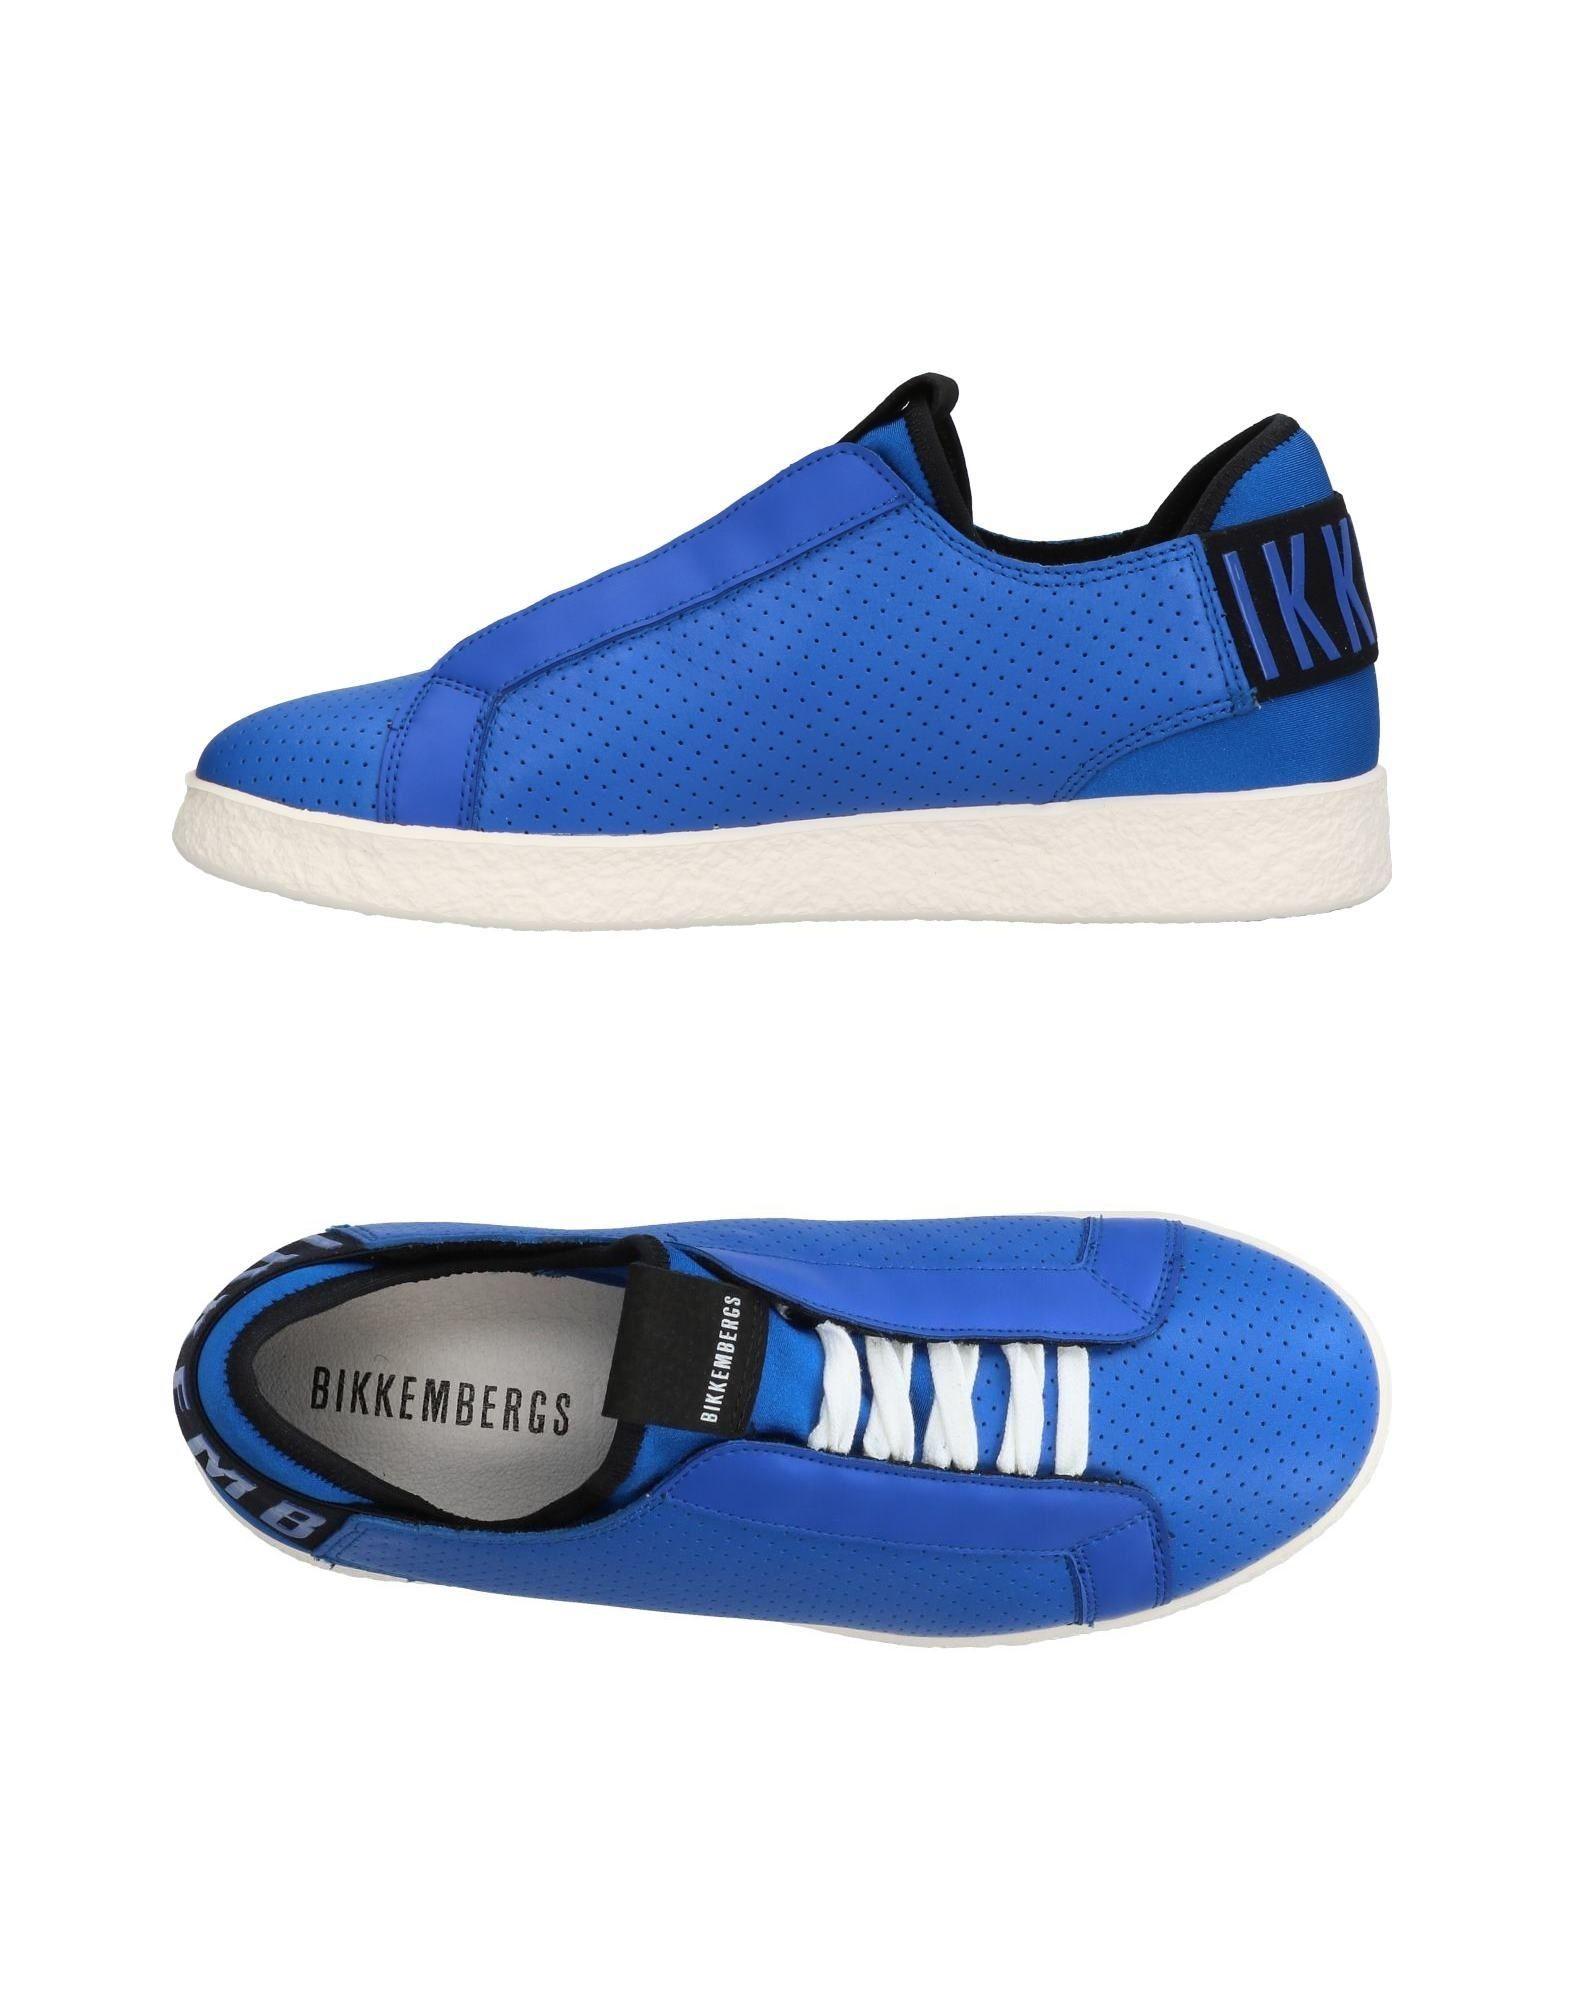 Moda Sneakers Bikkembergs Bikkembergs Bikkembergs Uomo - 11326233QT 592957